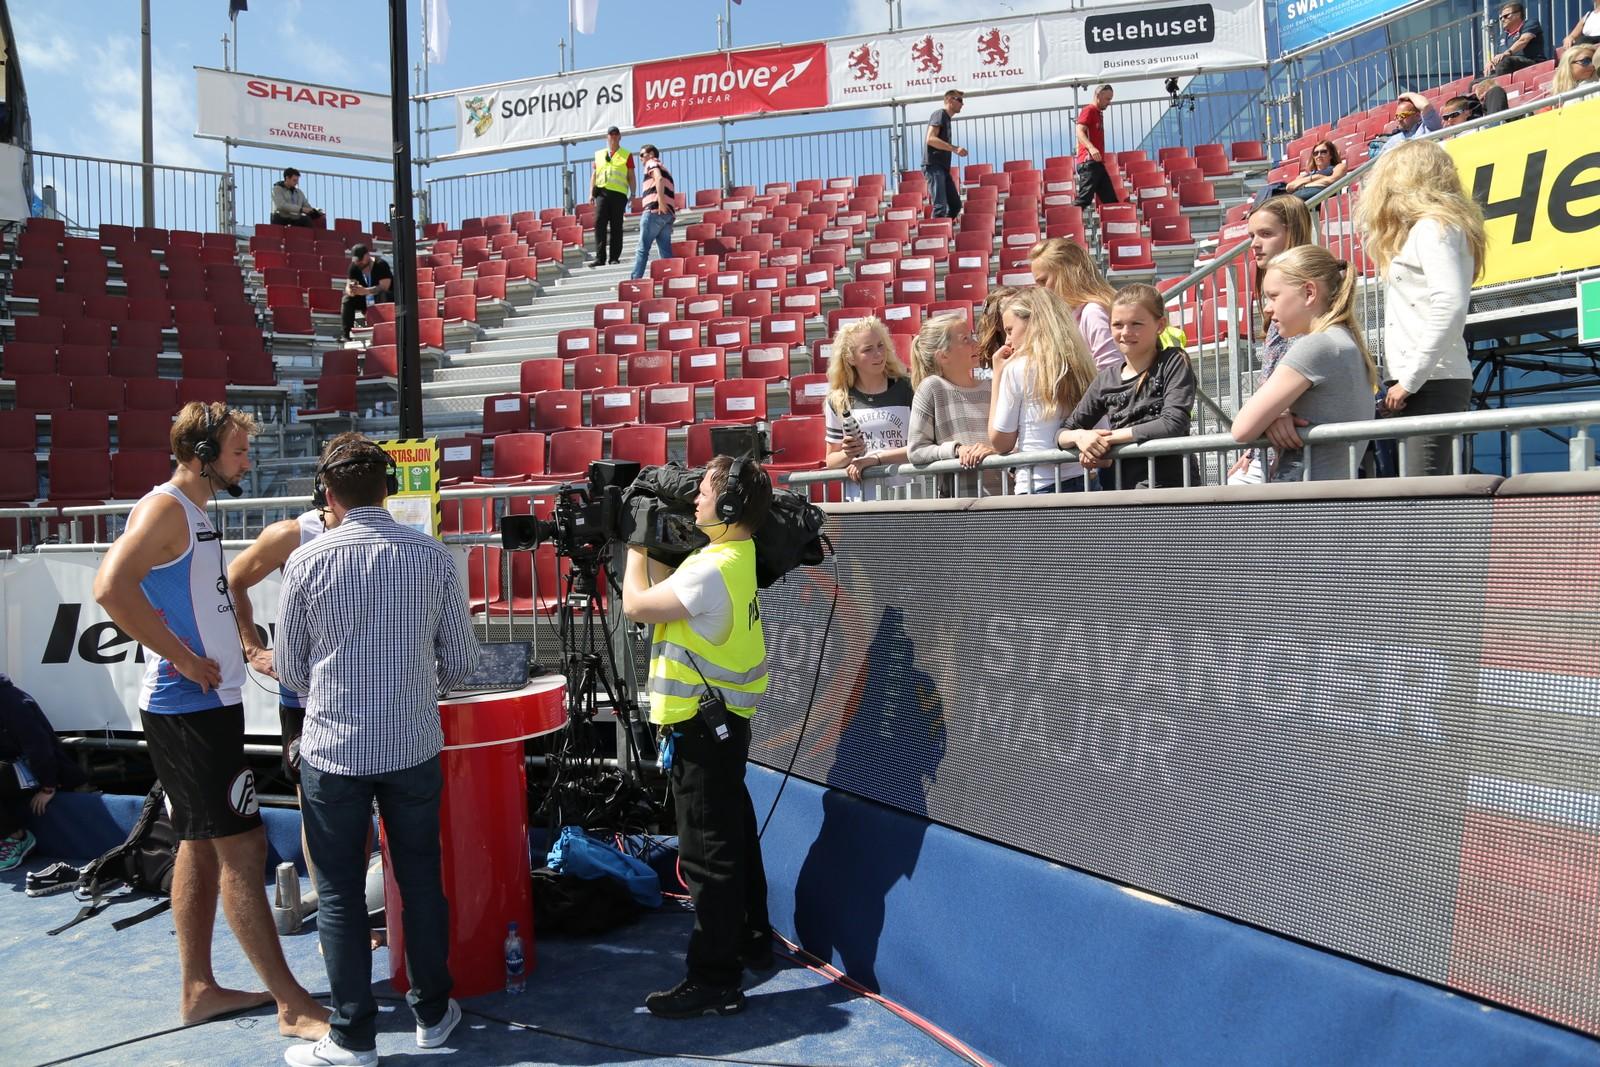 Iver Horrem og Geir Eithun har mange fans på tribunen. Her følger noen av dem nøye med på intervjuet med VGTV etter kampen.